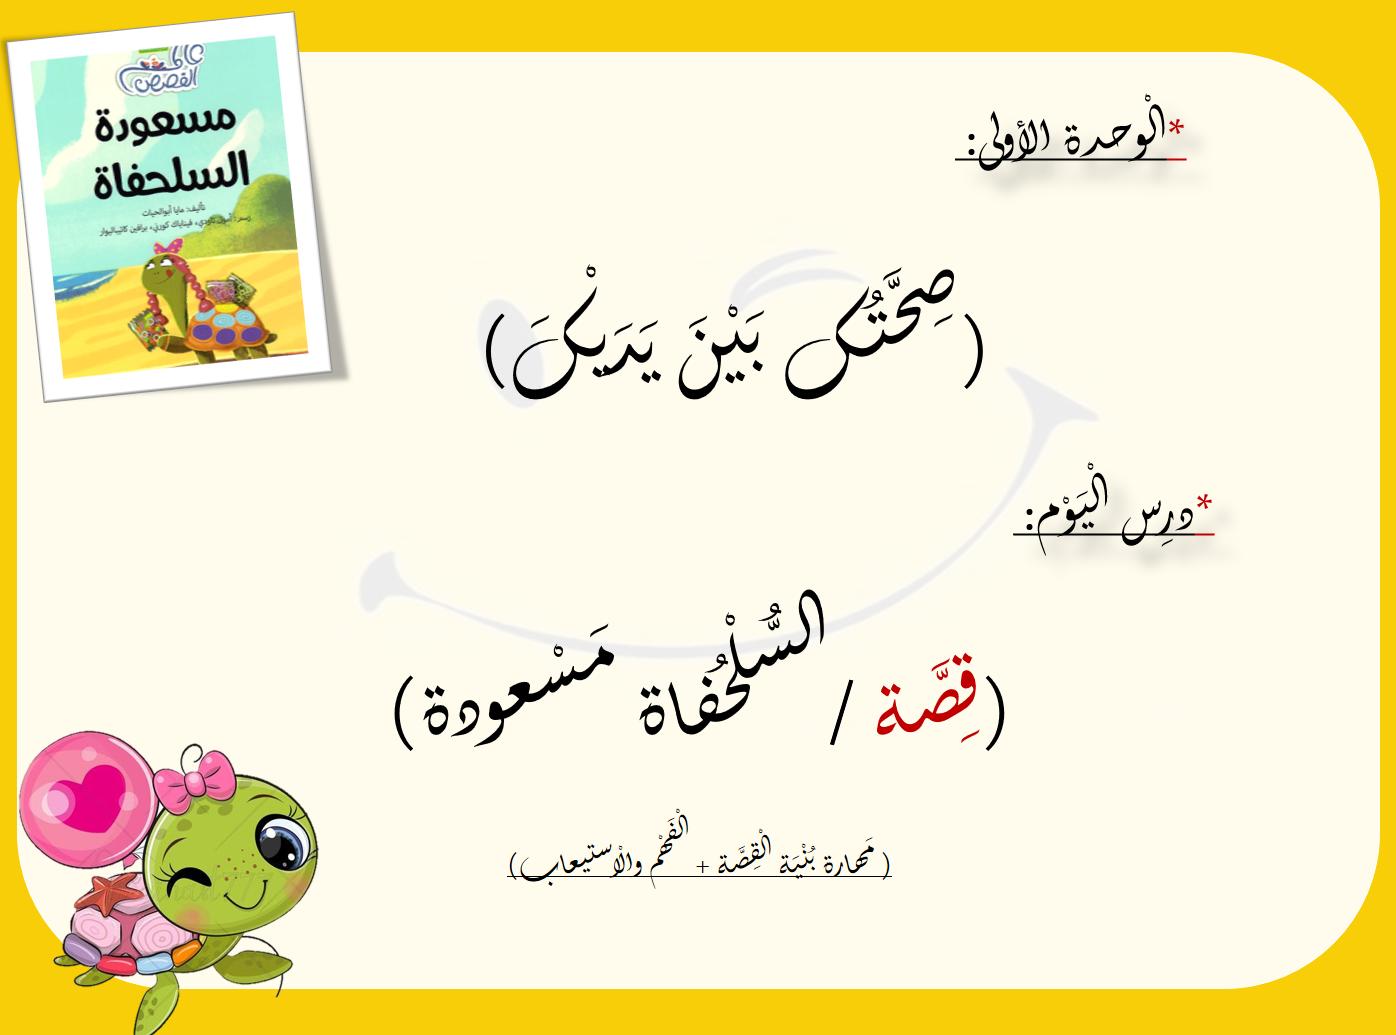 بوربوينت الفهم والاستيعاب قصة مسعودة السلحفاة للصف الثاني مادة اللغة العربية Arabic Calligraphy